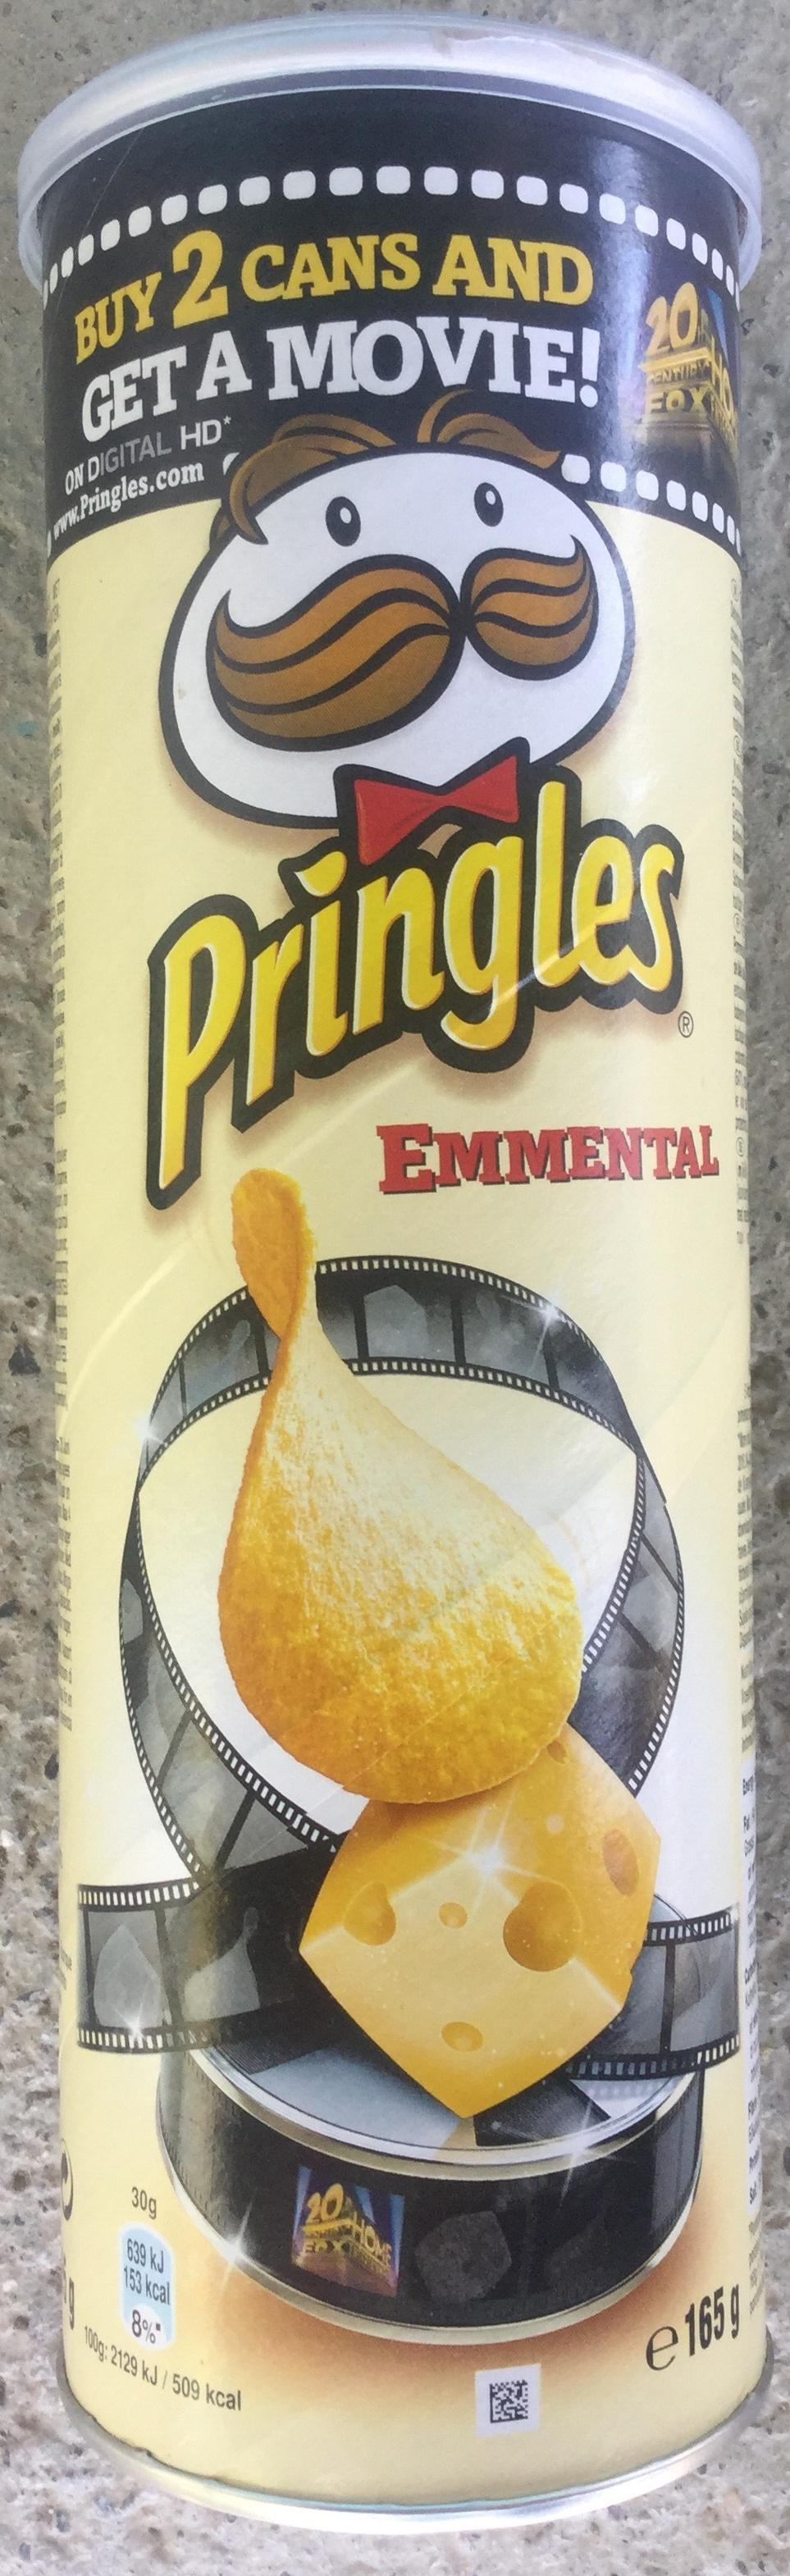 Snack salé au goût emmental - Prodotto - fr